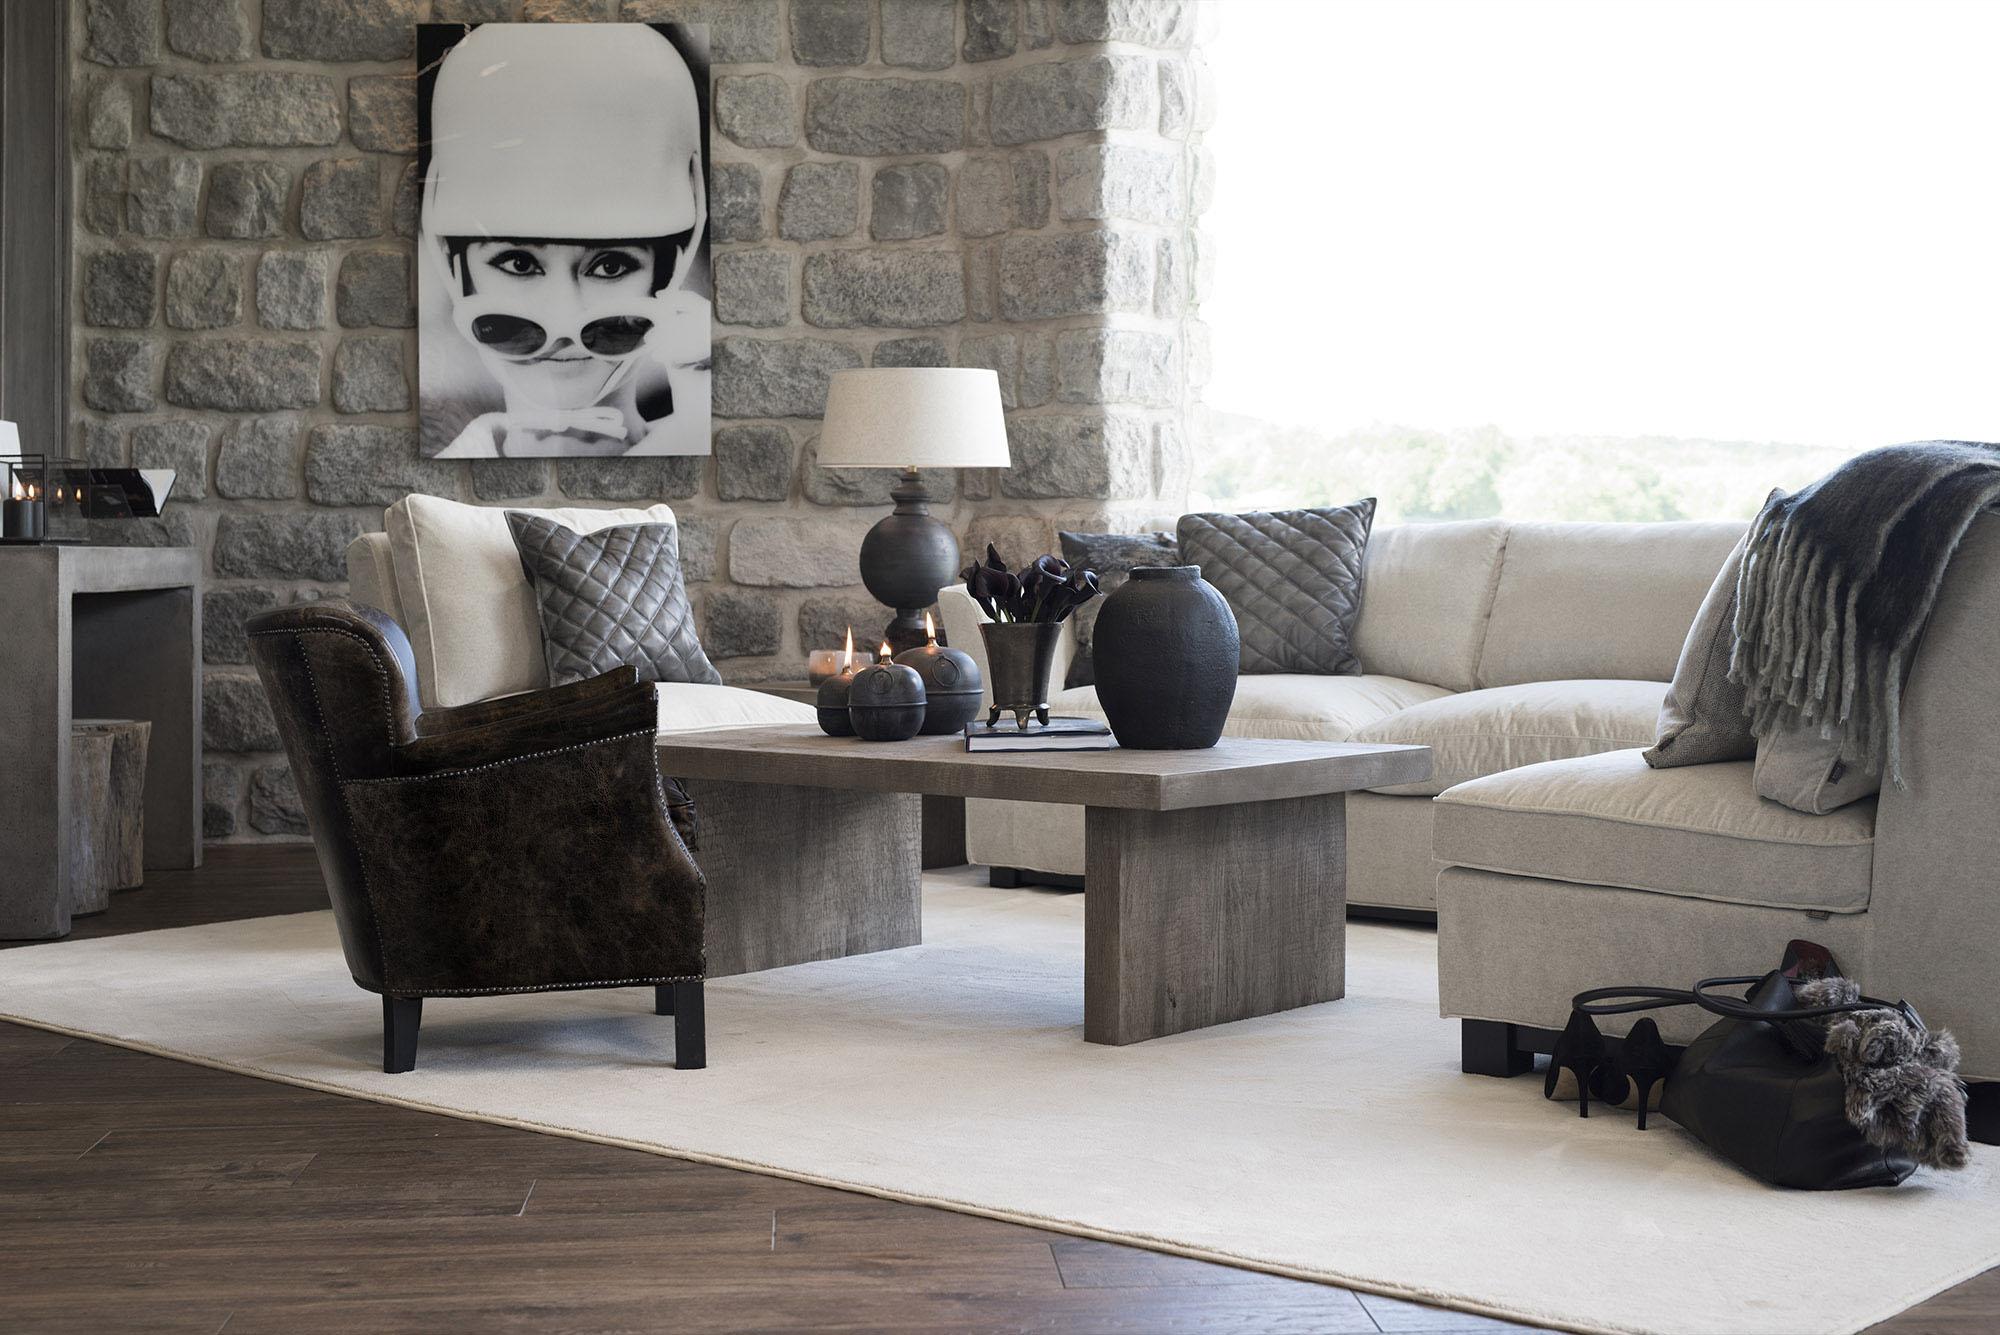 Miljöbild på soffgrupp från Artwood med soffan New Soho, fåtöljerna Midtown och Professor, soffbordet Plint. på bilden finns även en matta som heter Classy och en bordslampa som heter Lazio.